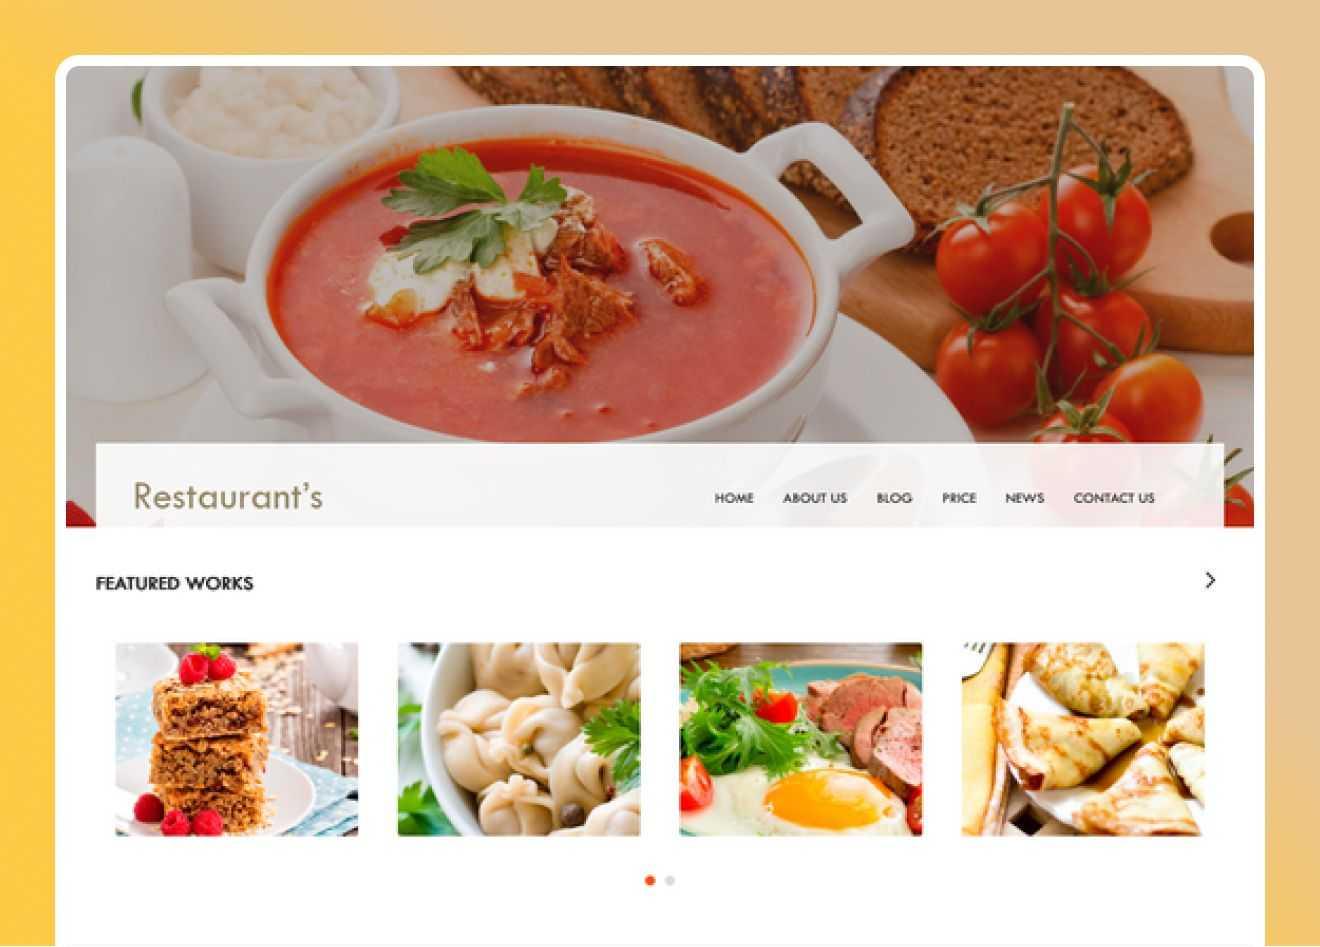 Restaurant- cover